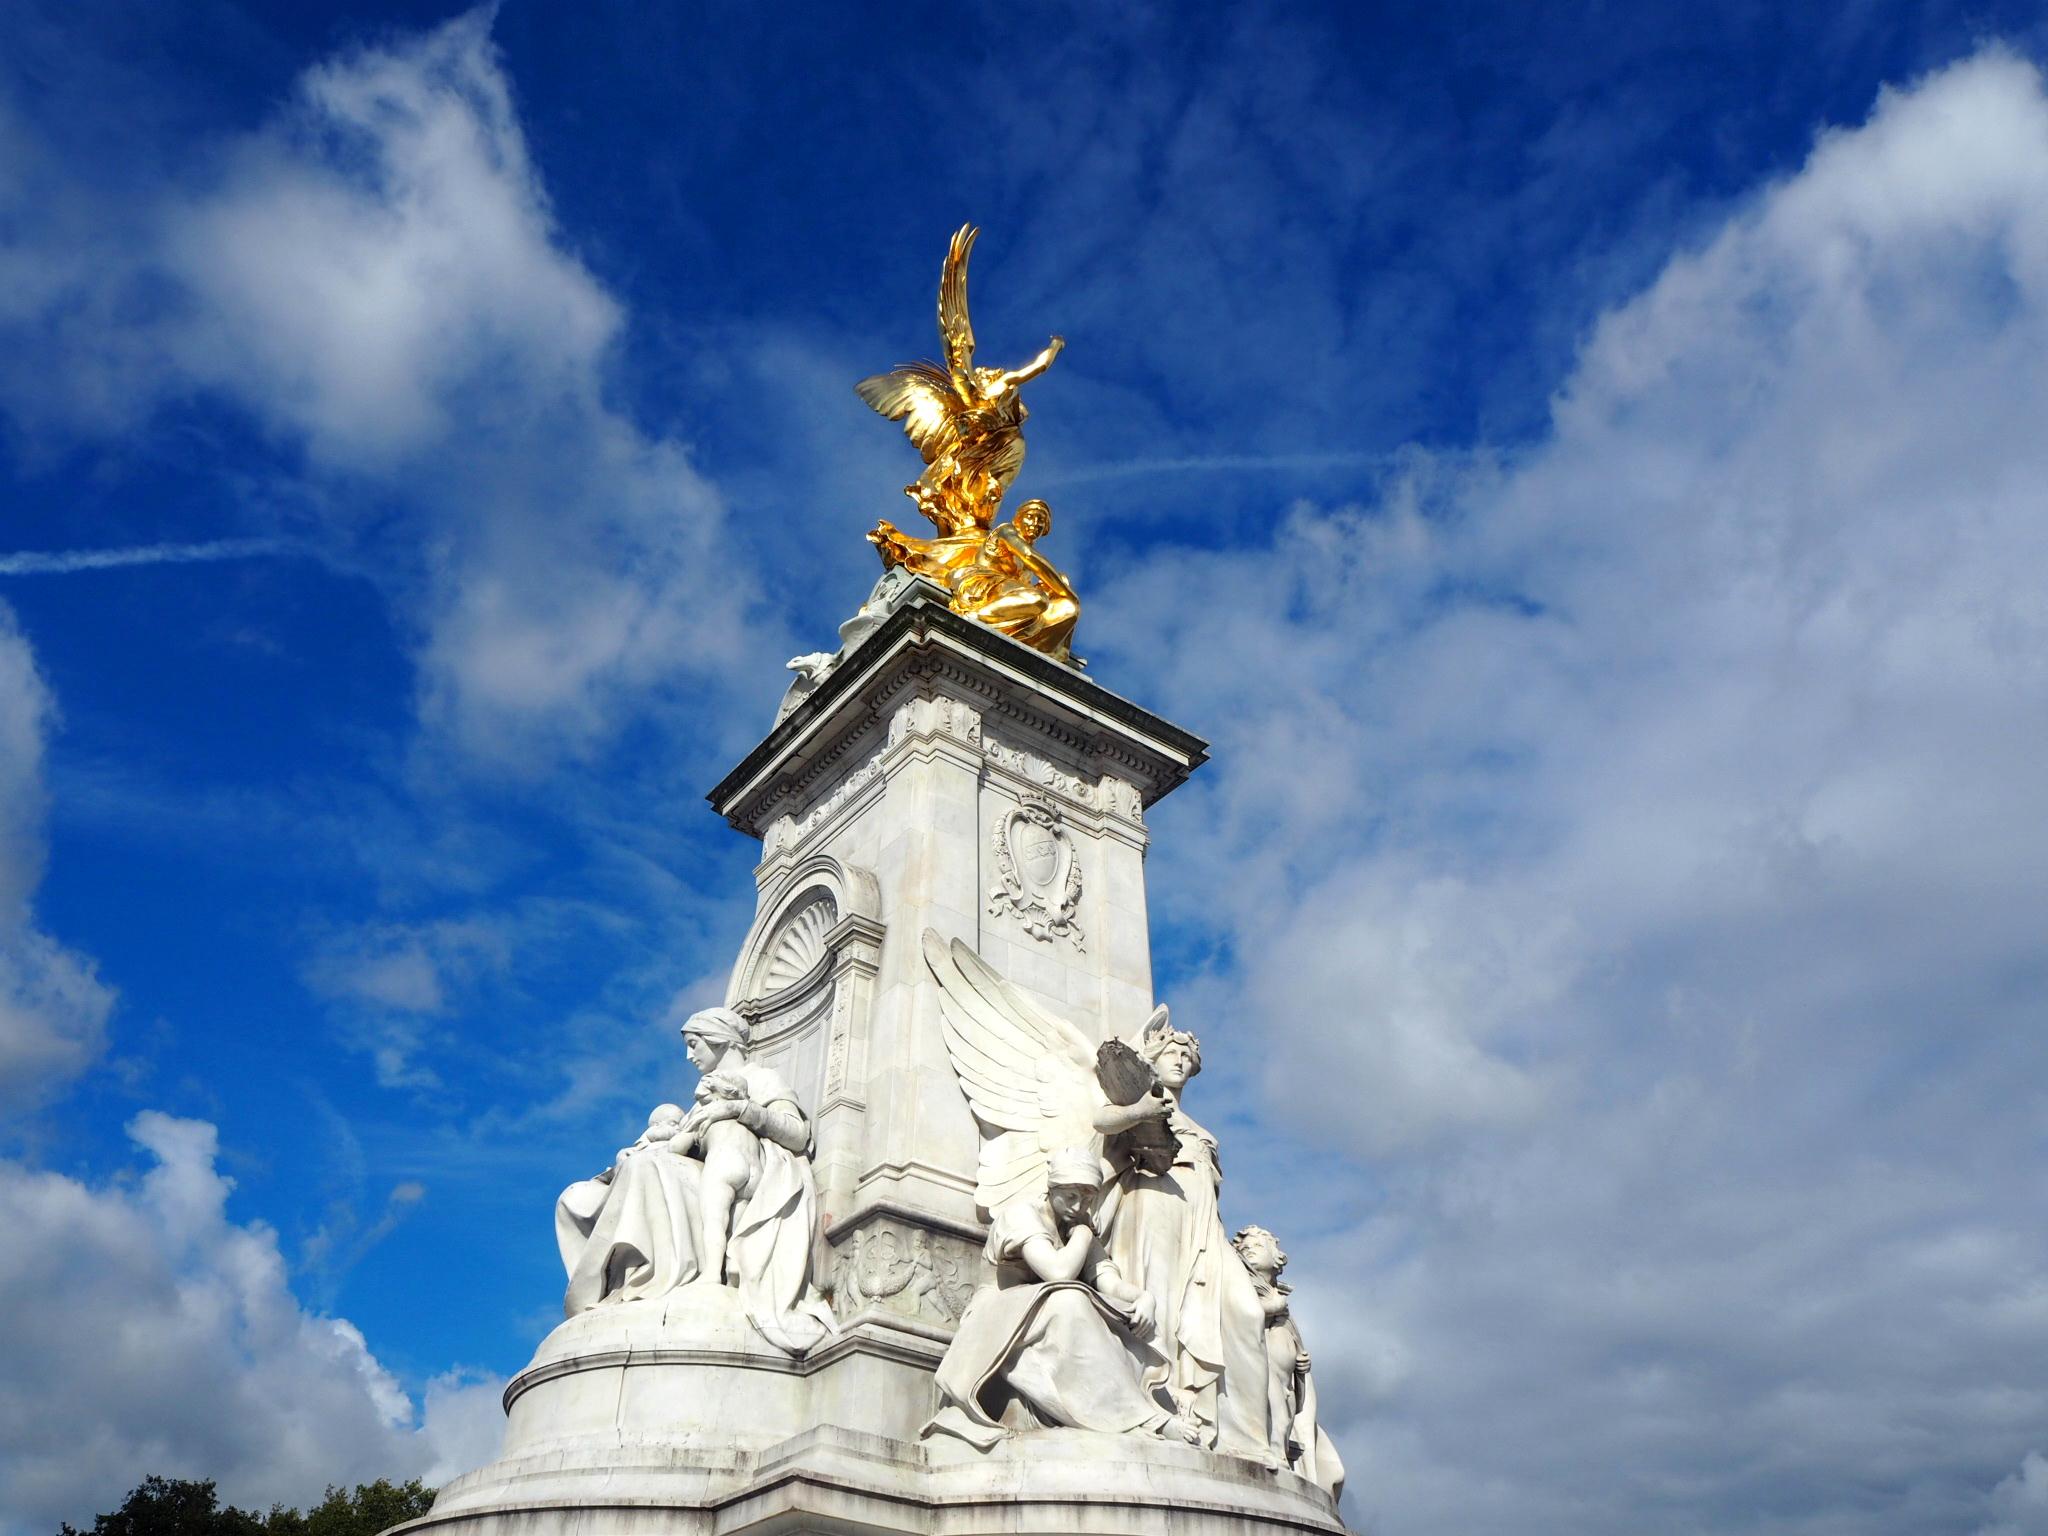 Buckingham-Palace-London-Statue